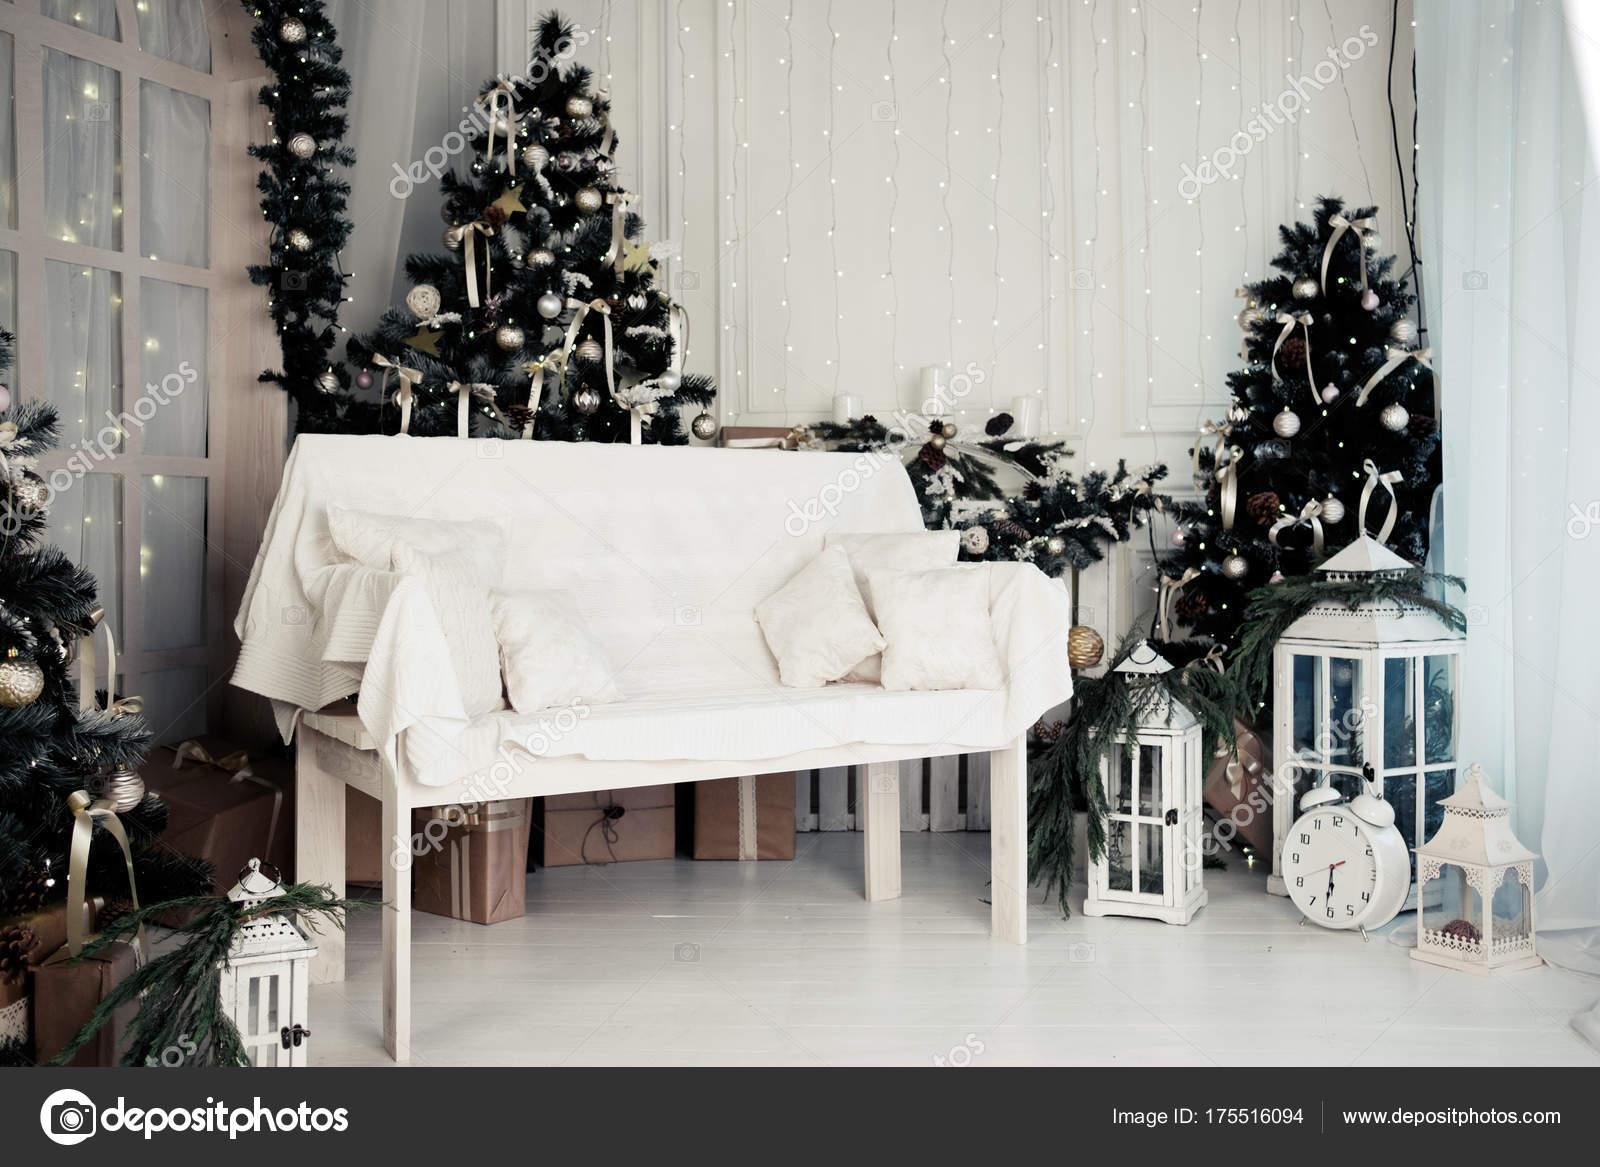 Weihnachts-Studio-Dekoration mit Sitzbank und Weihnachtsbaum ...